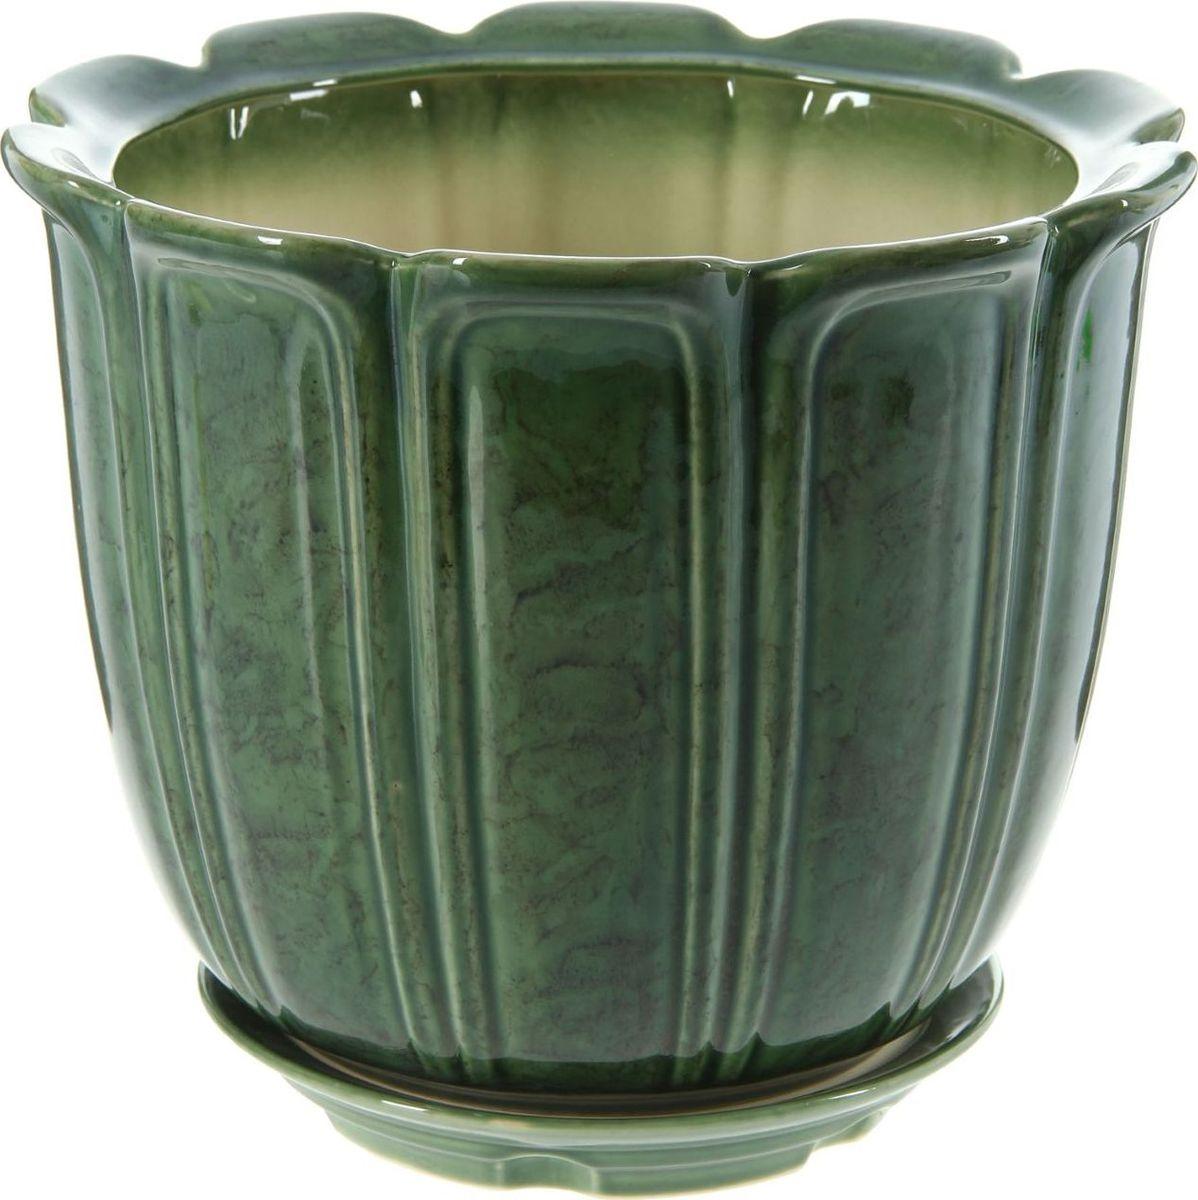 Кашпо Элита, цвет: зеленый, 12 л1143868Комнатные растения — всеобщие любимцы. Они радуют глаз, насыщают помещение кислородом и украшают пространство. Каждому из них необходим свой удобный и красивый дом. Кашпо из керамики прекрасно подходят для высадки растений: за счёт пластичности глины и разных способов обработки существует великое множество форм и дизайновпористый материал позволяет испаряться лишней влагевоздух, необходимый для дыхания корней, проникает сквозь керамические стенки! #name# позаботится о зелёном питомце, освежит интерьер и подчеркнёт его стиль.